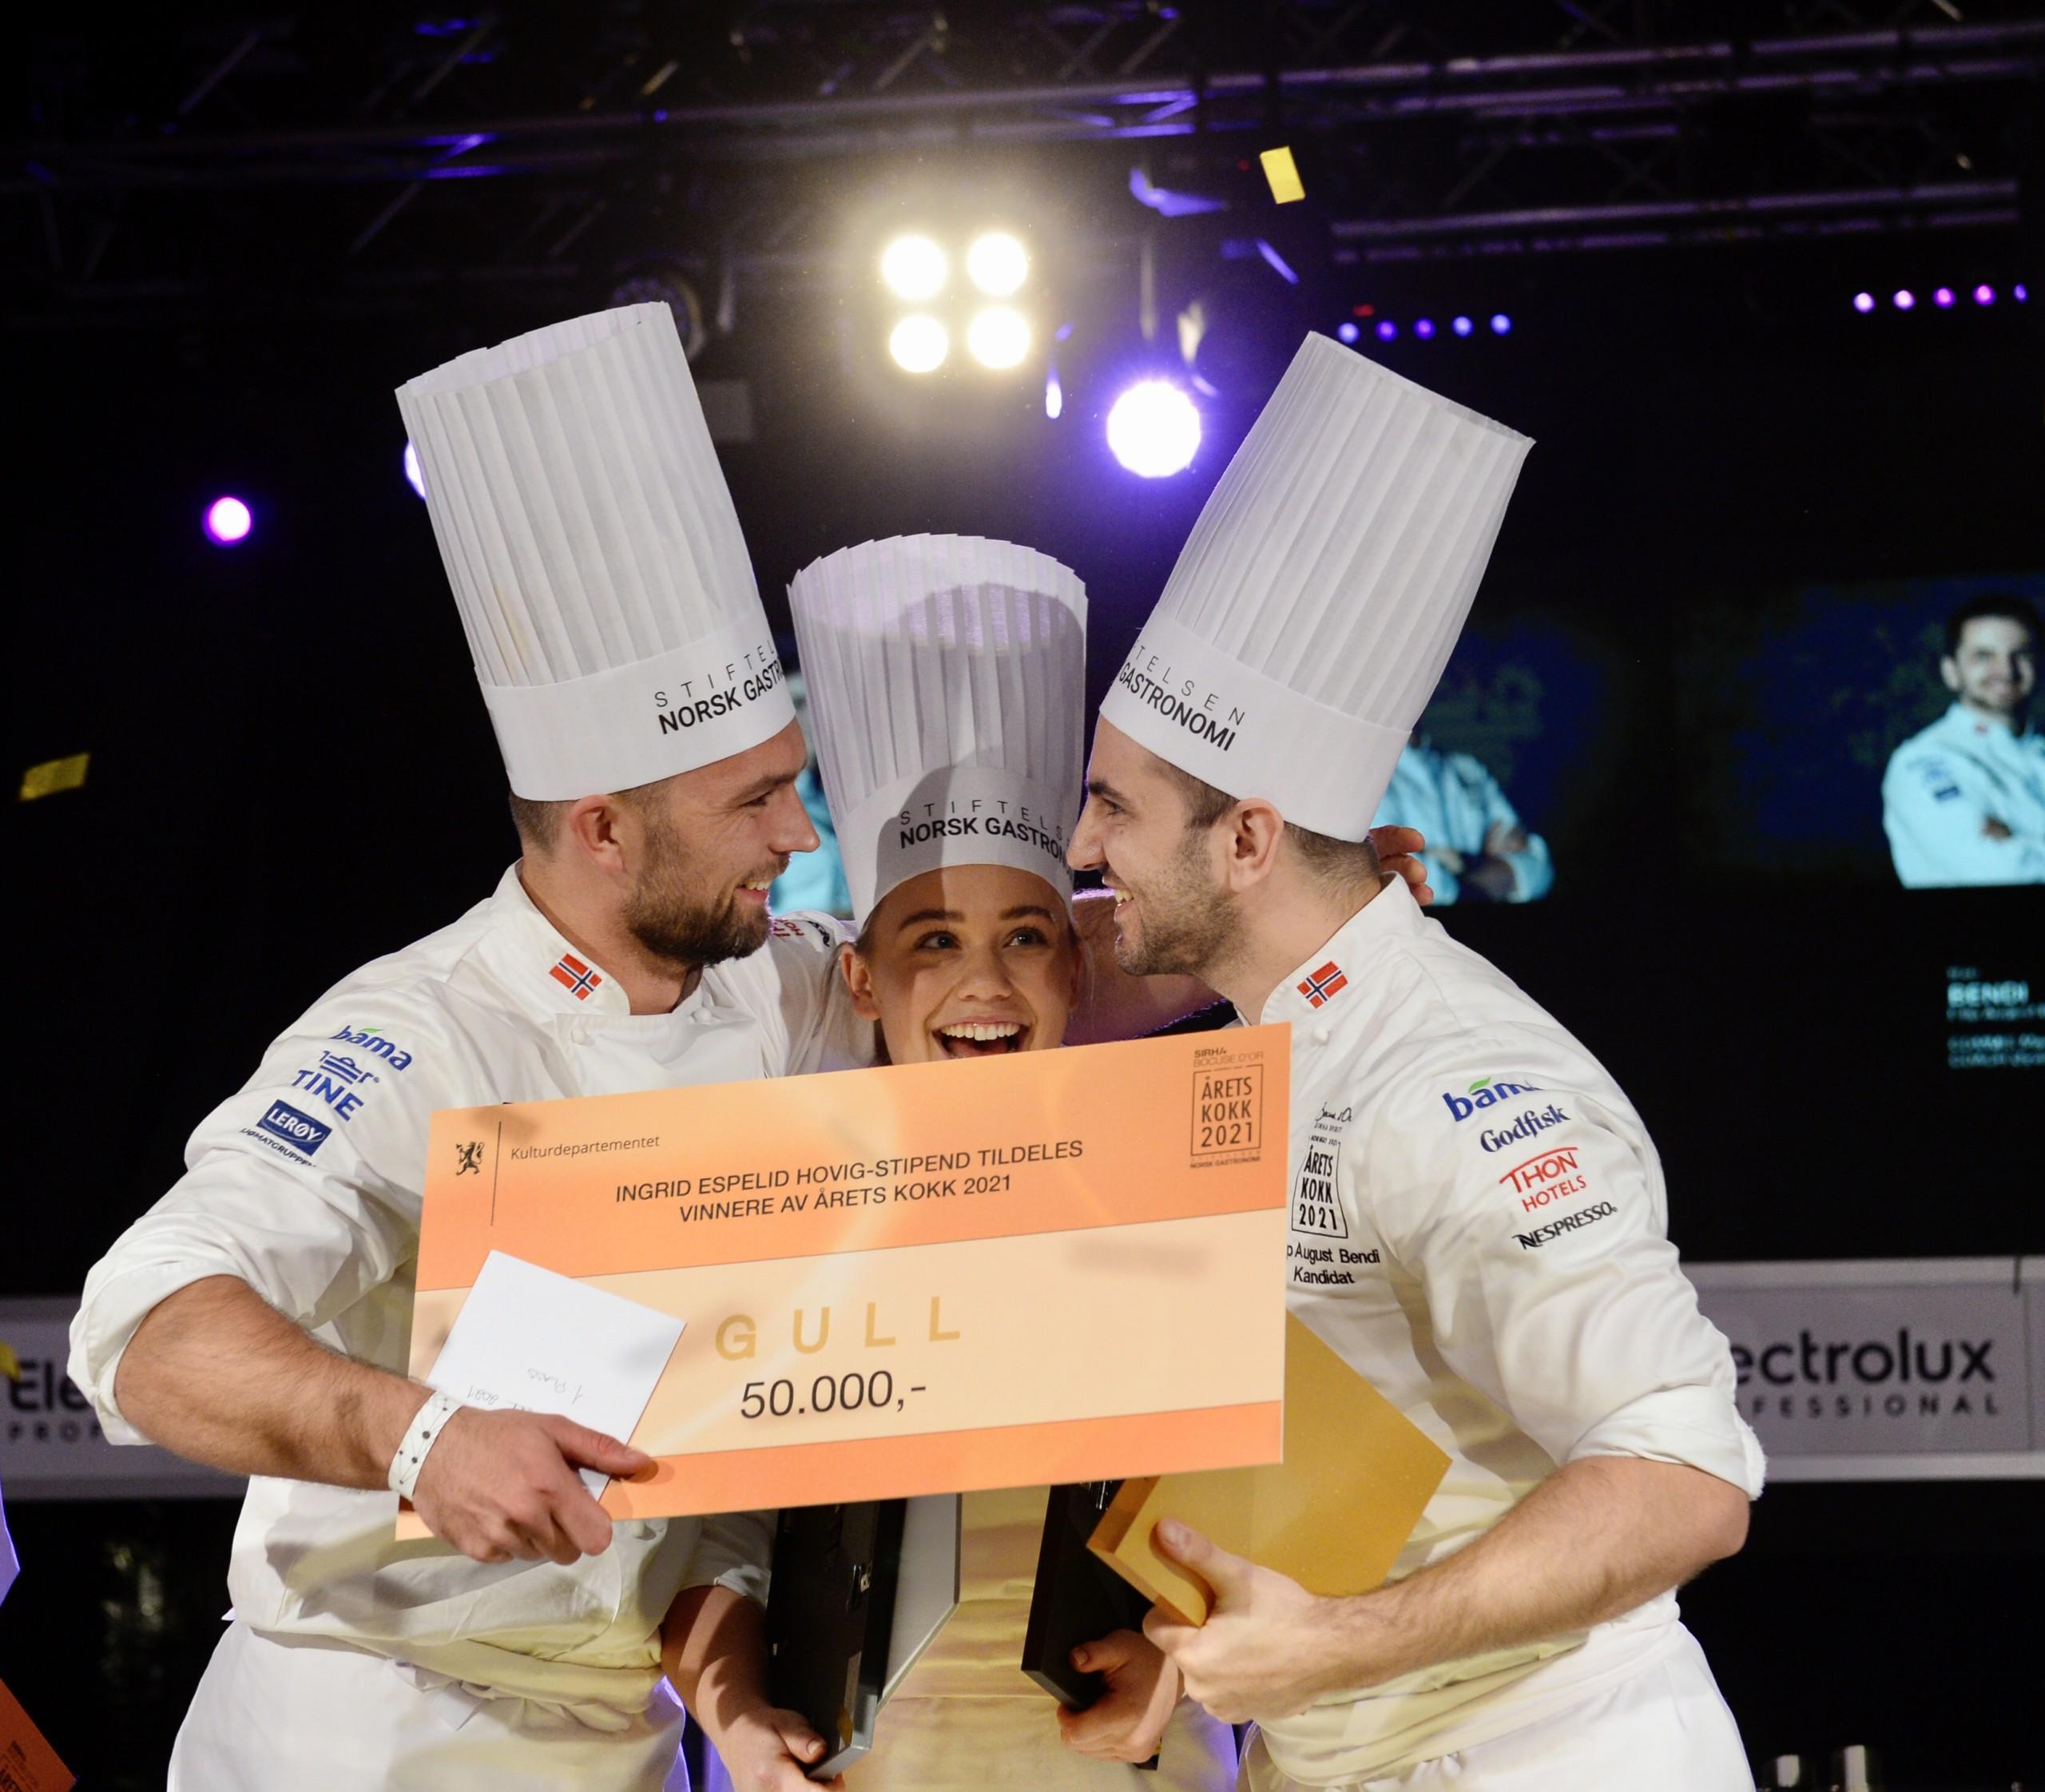 Vinneren av Årets kokk 2021 er Filip August Bendi